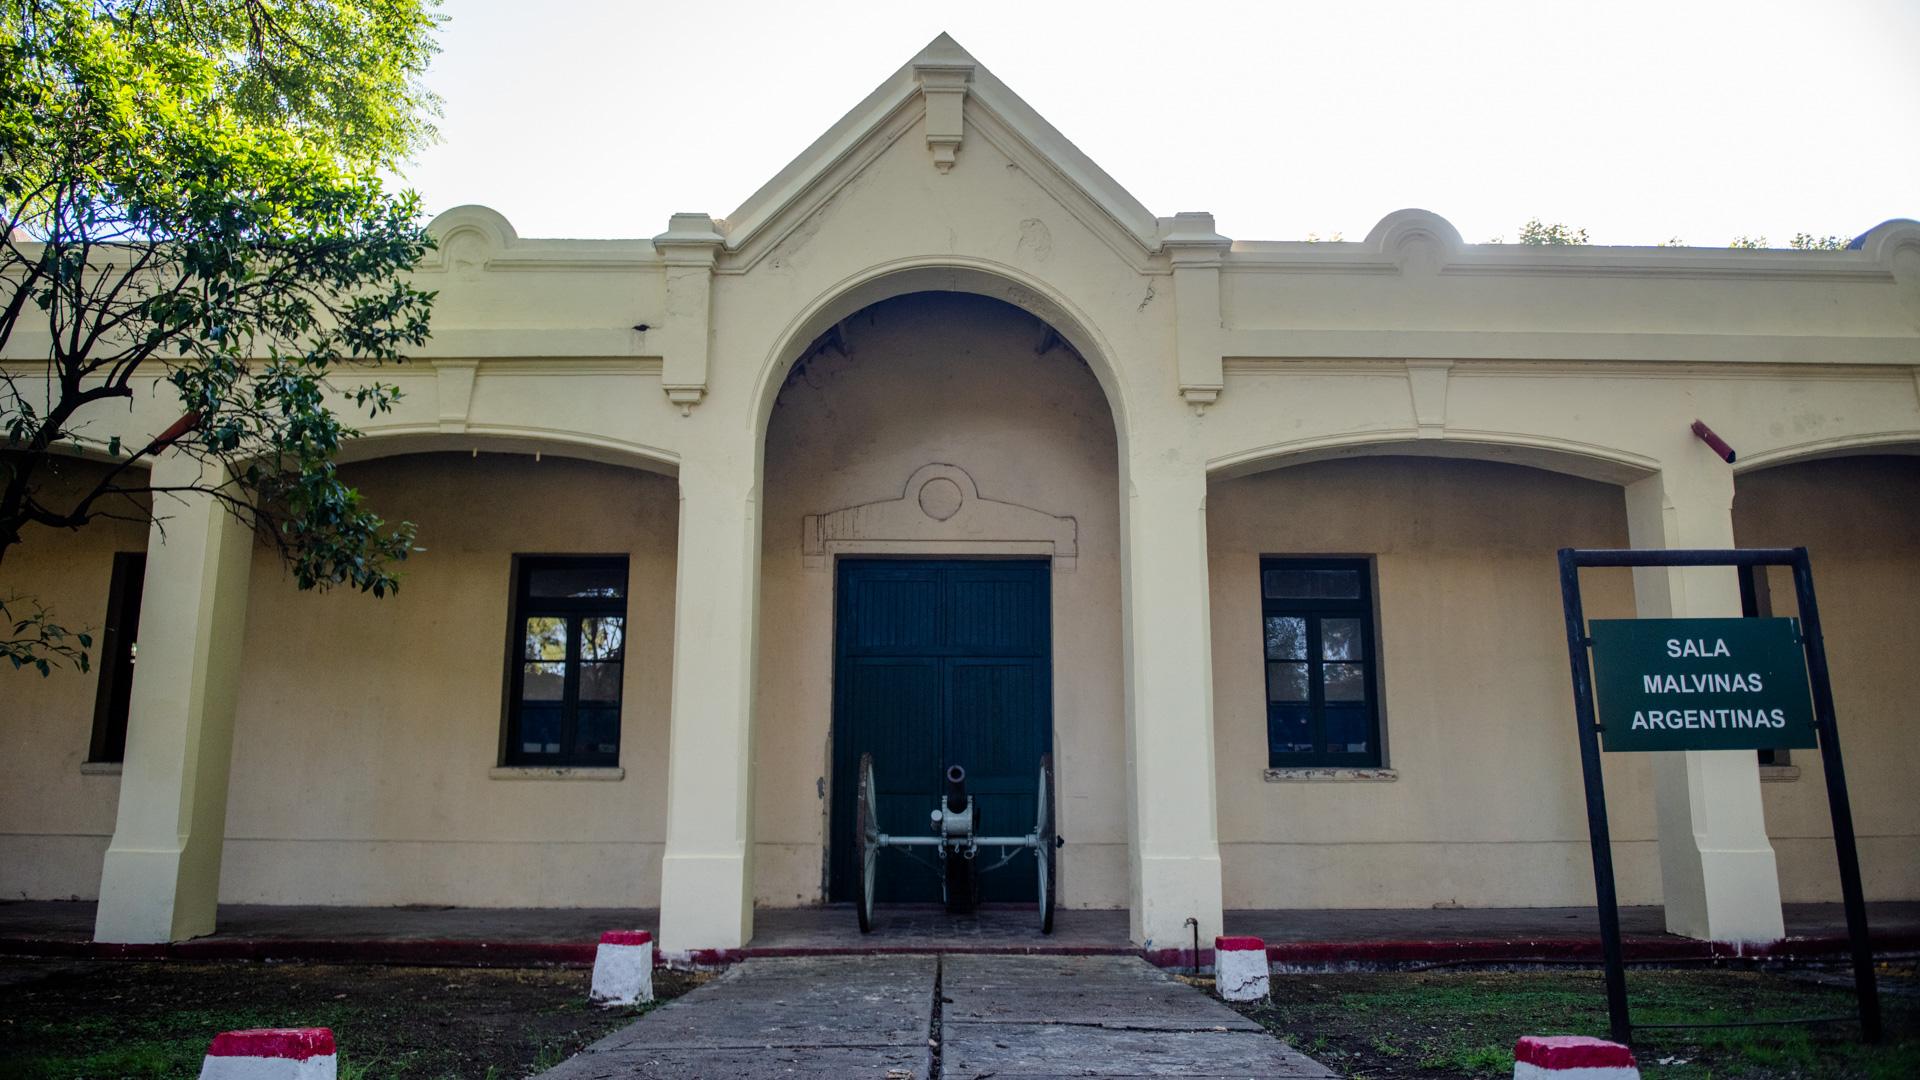 Ingreso a la Sala Malvinas Argentinas dentro de las instalaciones del Museo del Ejército Argentino